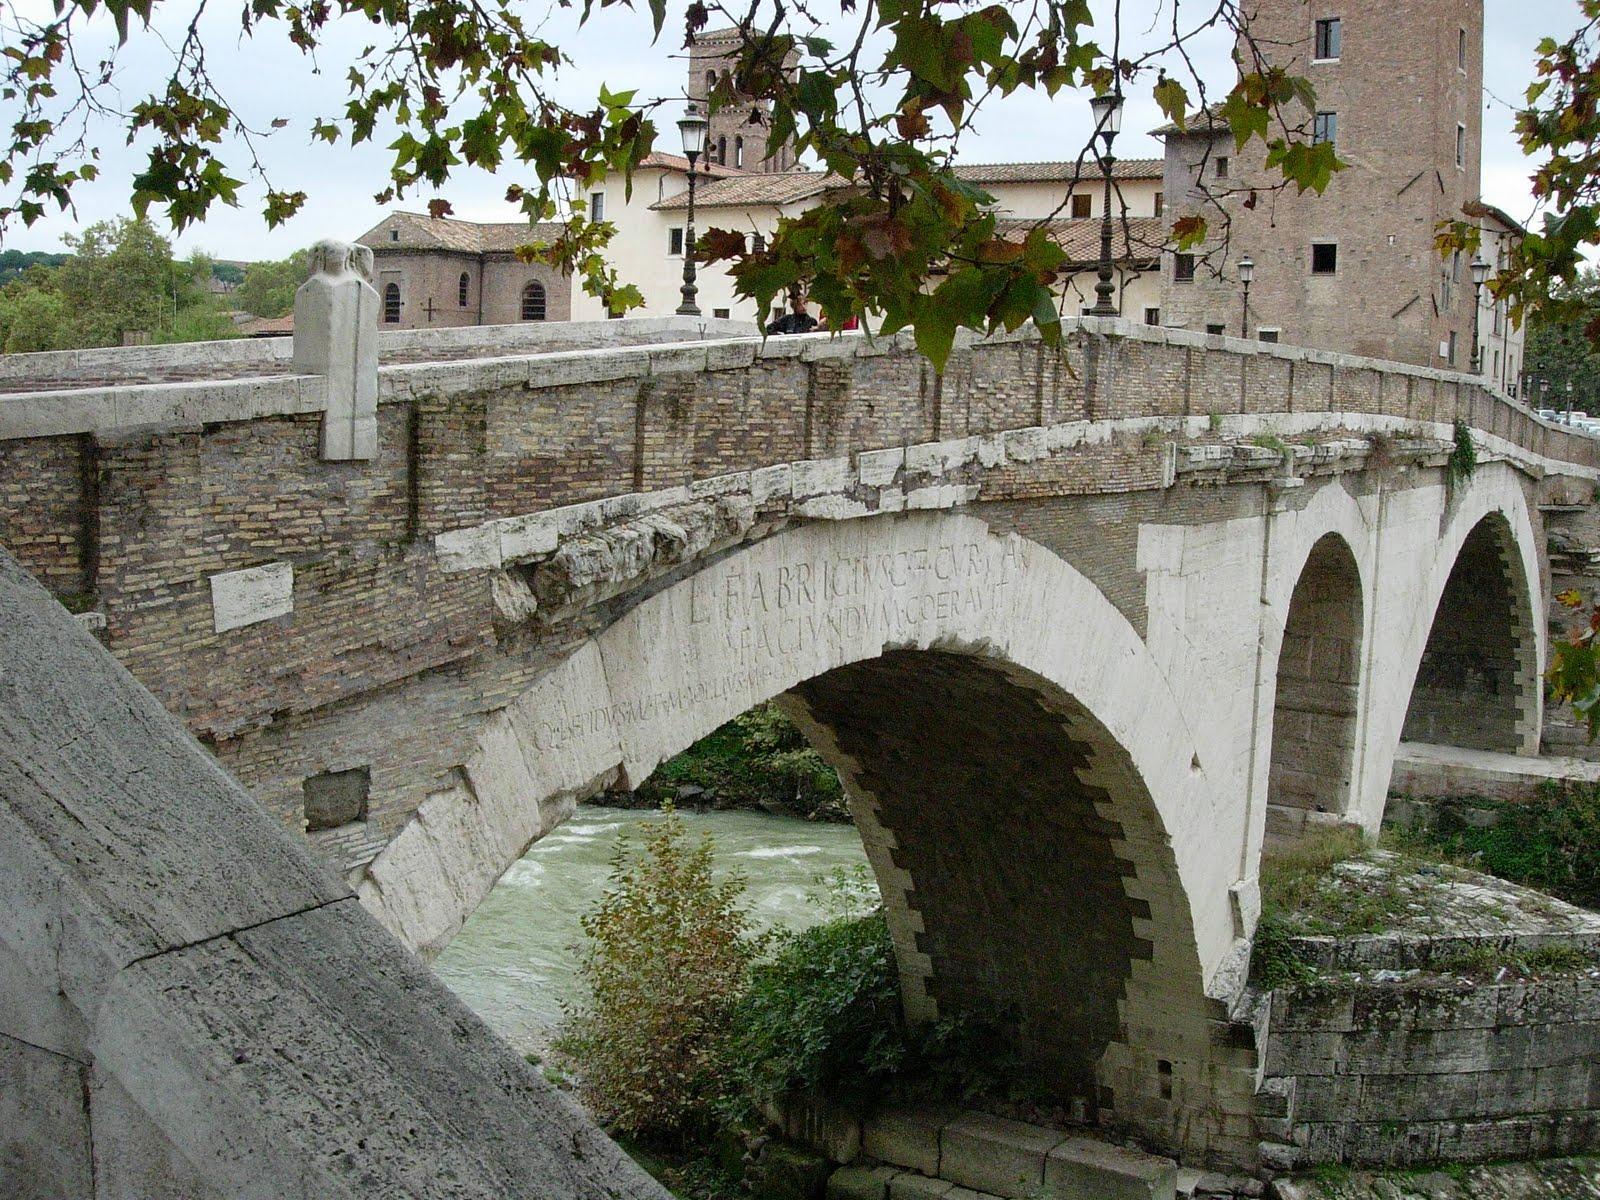 Siglo en la brisa: Impresiones de Roma